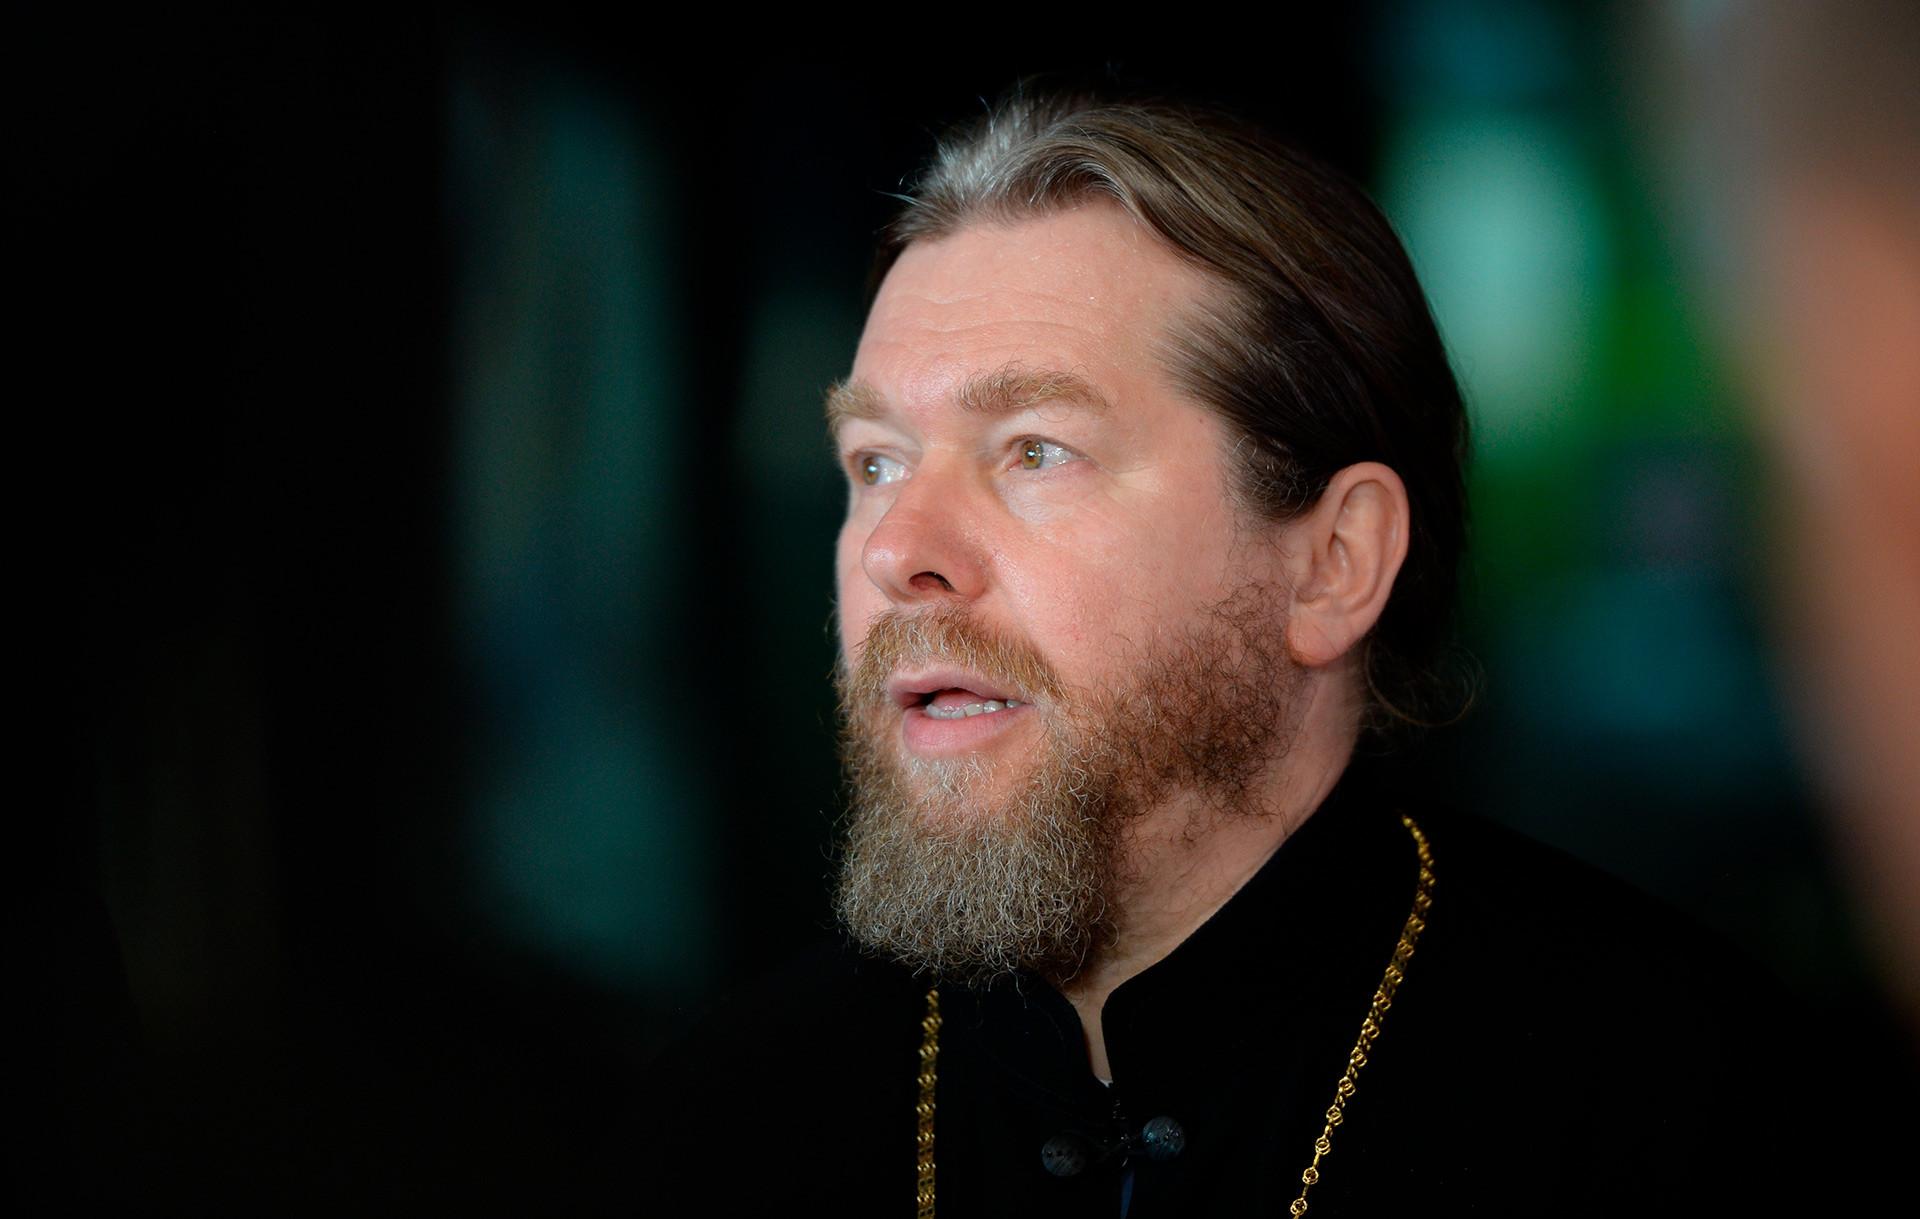 """Епископ јегорјевски Тихон (Шевкунов) на отварању регионалног мултимедијског историјског парка """"Русија: моја историја"""" у Јекатеринбургу."""